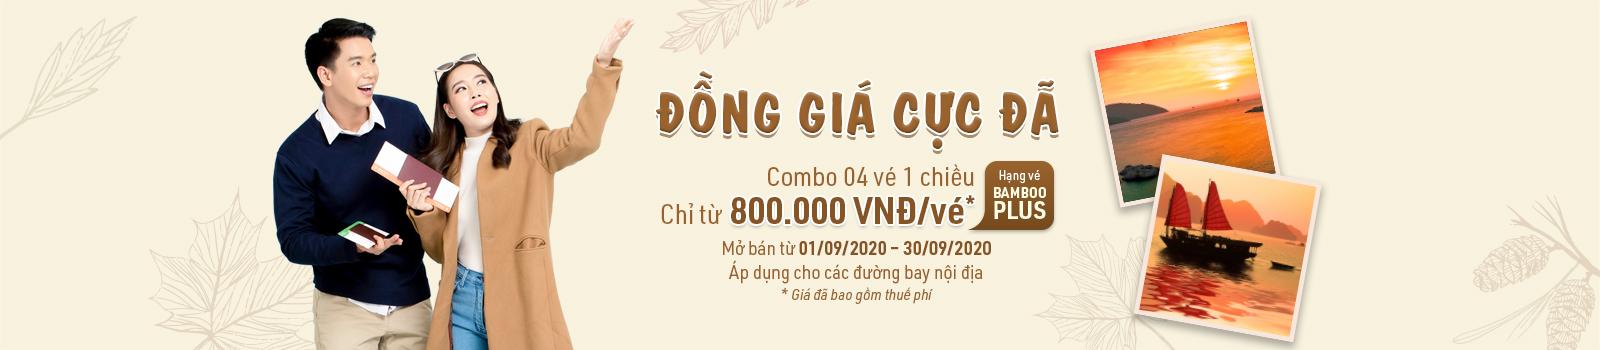 Thỏa sức – Gift voucher đồng giá hạn mức 4.800.000 VNĐ